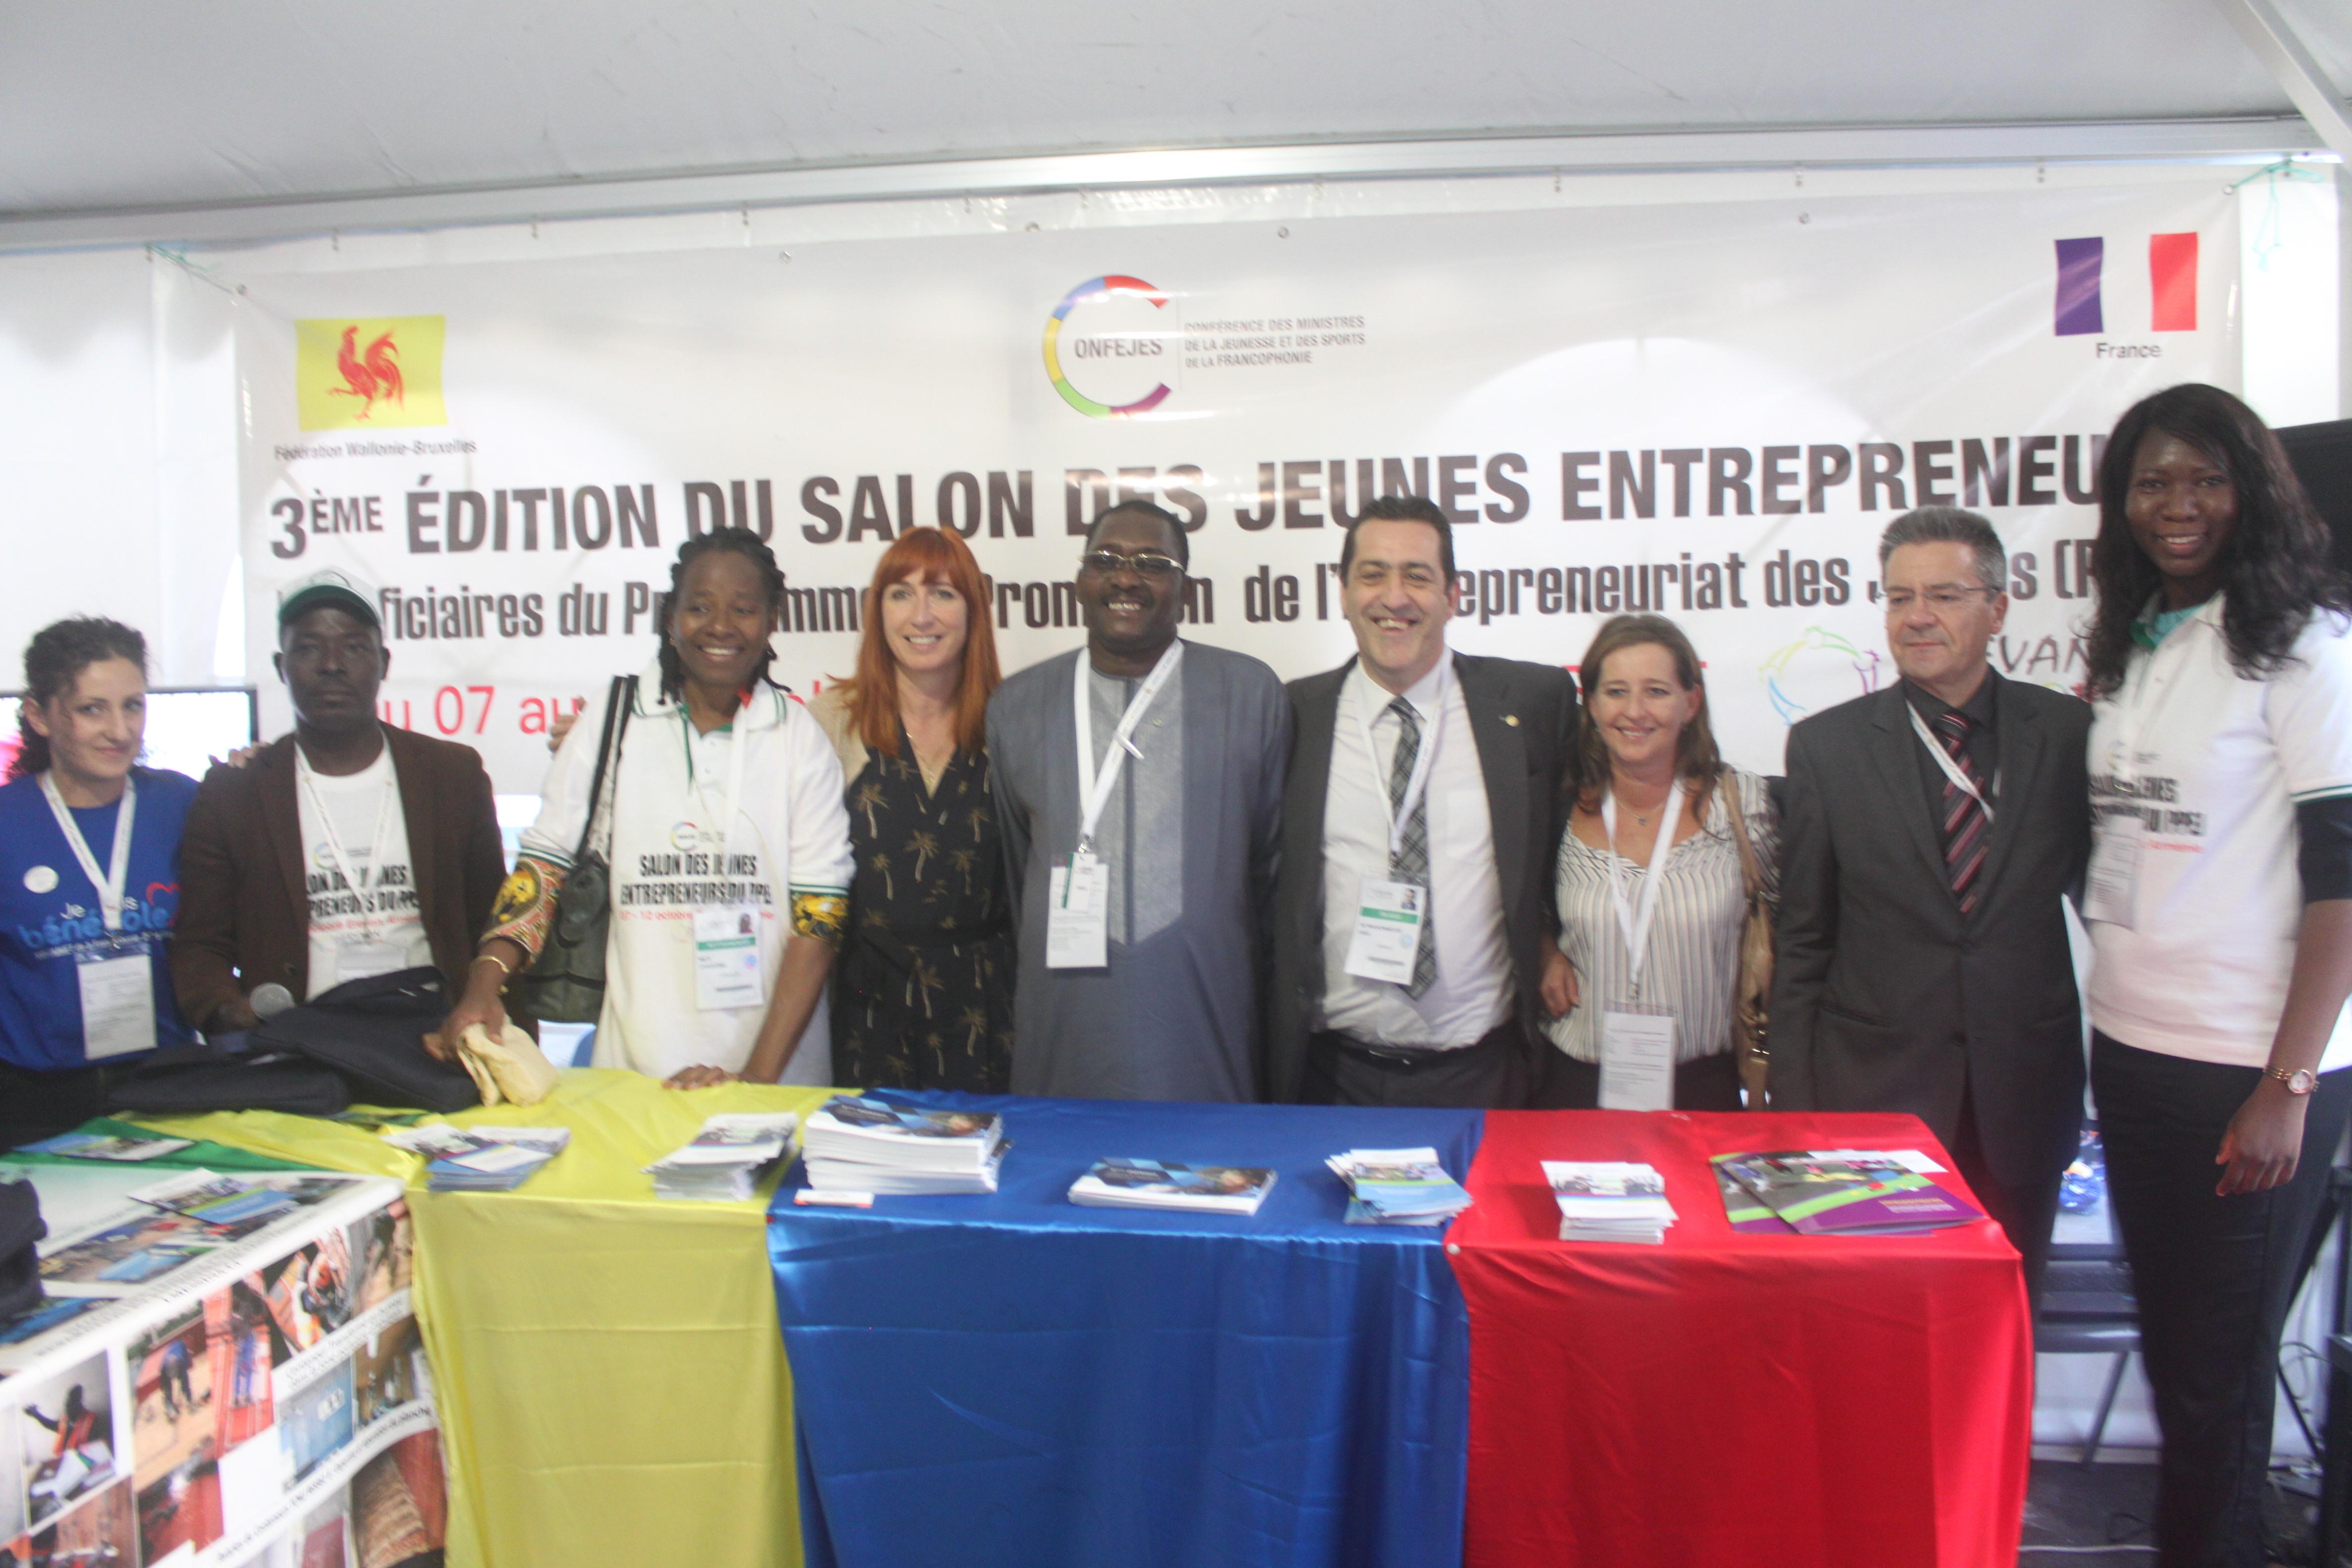 L'entrepreneuriat jeune francophone mis en lumière par la CONFEJES au Sommet de la Francophonie